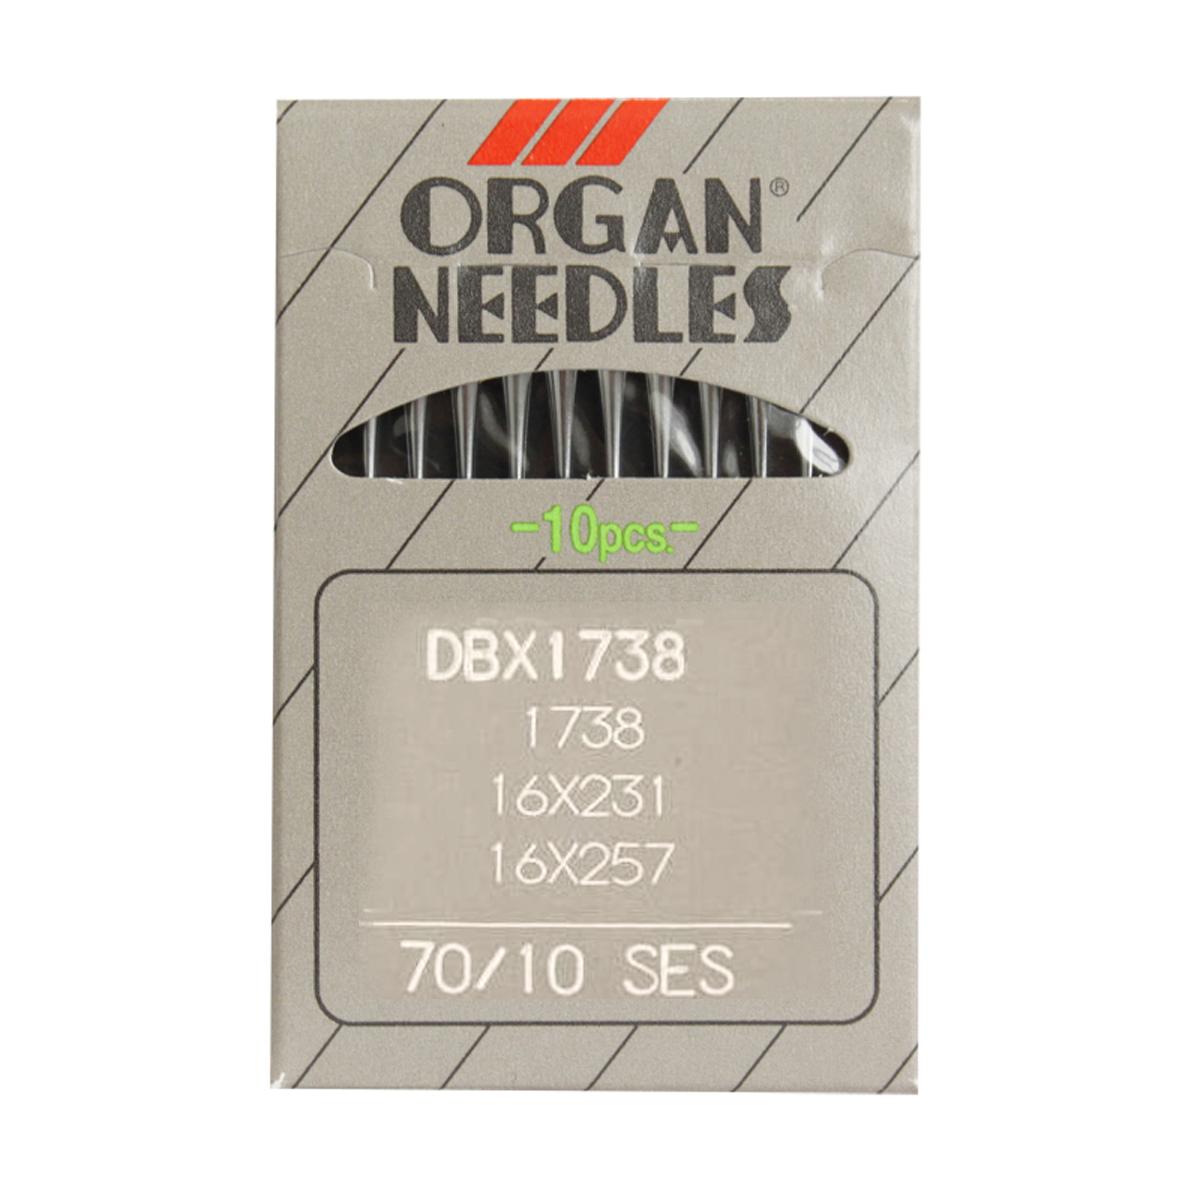 Иглы для промышленных швейных машин Organ, DBx1/70 SES, 10 шт162015Иглы для промышленных швейных машин Organ с маркировкой DBx1 предназначены для прямострочных швейных машин. Иглы используются для пошива трикотажа (SES). Острие игл тонкое, стандартное.Предназначены для машин цепного стежка 10Б, 53, 810 классов и импортных аналогов. В промышленных машинах используются иглы с круглыми колбами, в отличие от игл бытовых машин, у которых колбы плоские. Круглая колба позволяет при наладке машины и установке иглы поворачивать (вращать) иглу, закрепляя ее в нужном положении. Диаметр колбы: 1,64 мм. Длина иглы: 33,9 мм. Номер игл: 70.